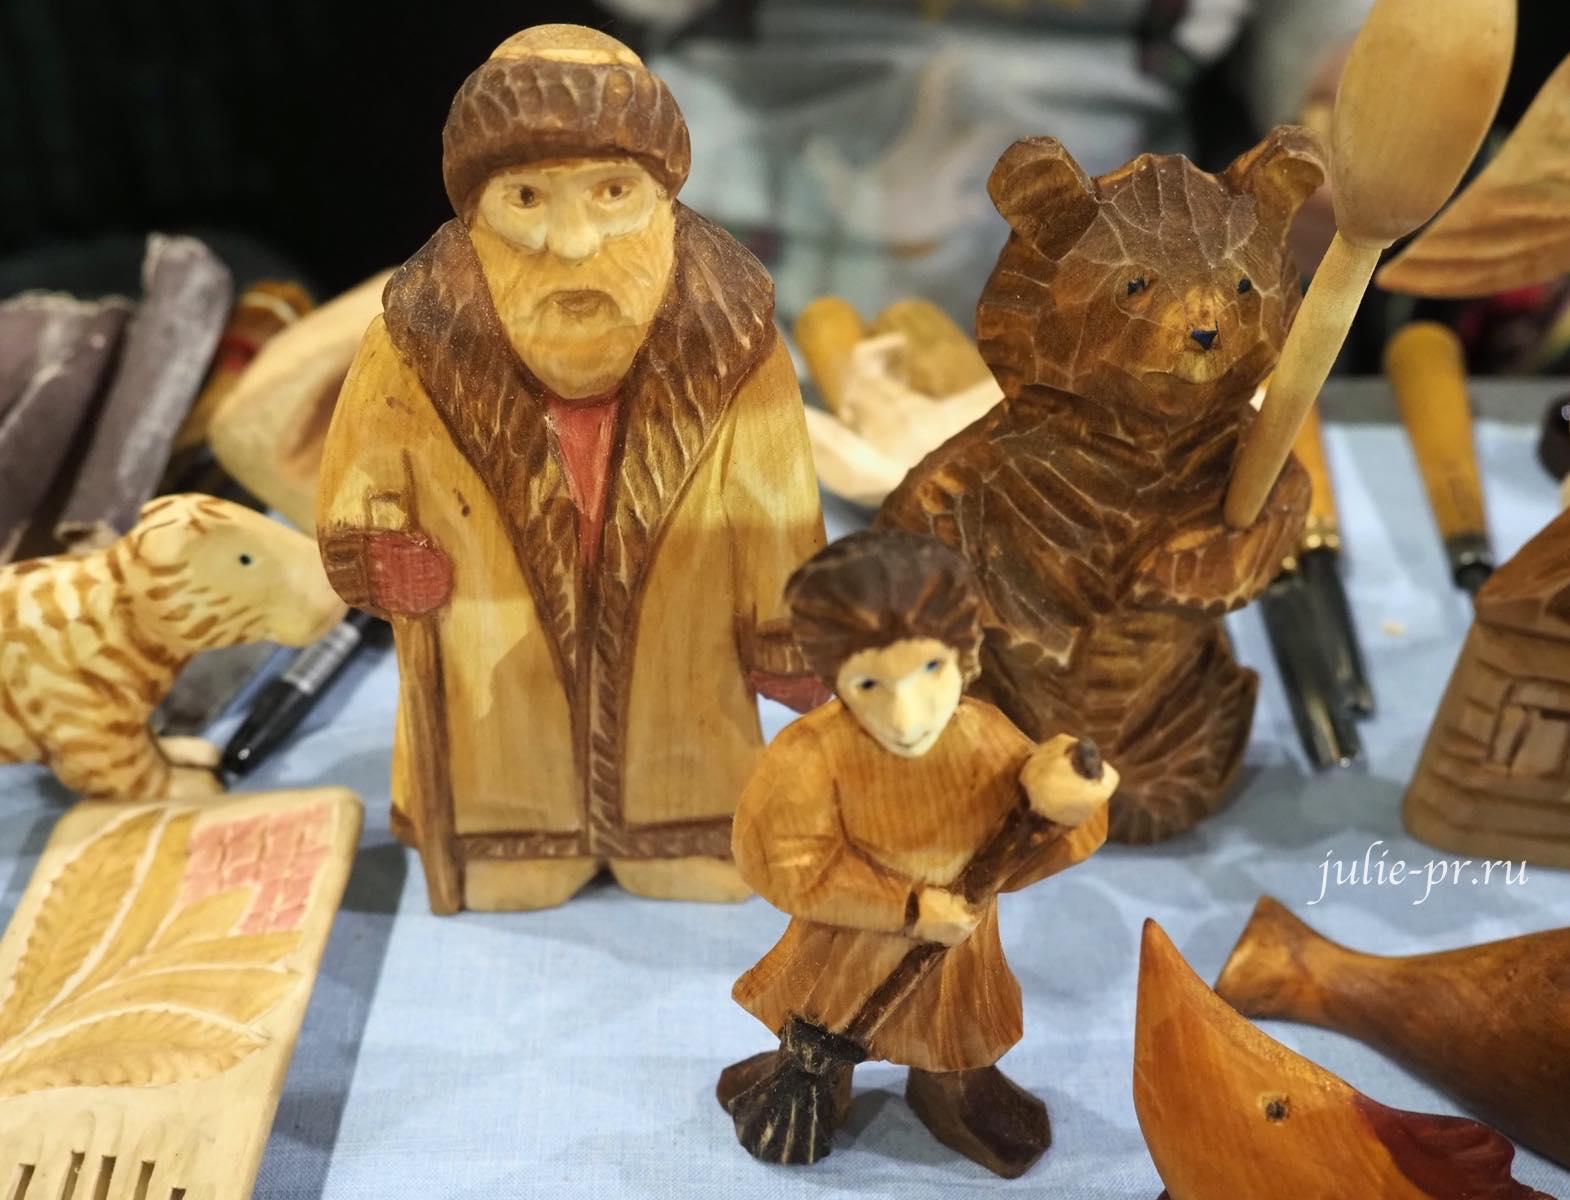 формула рукоделия осень 2021, выставка, резьба по дереву, игрушки